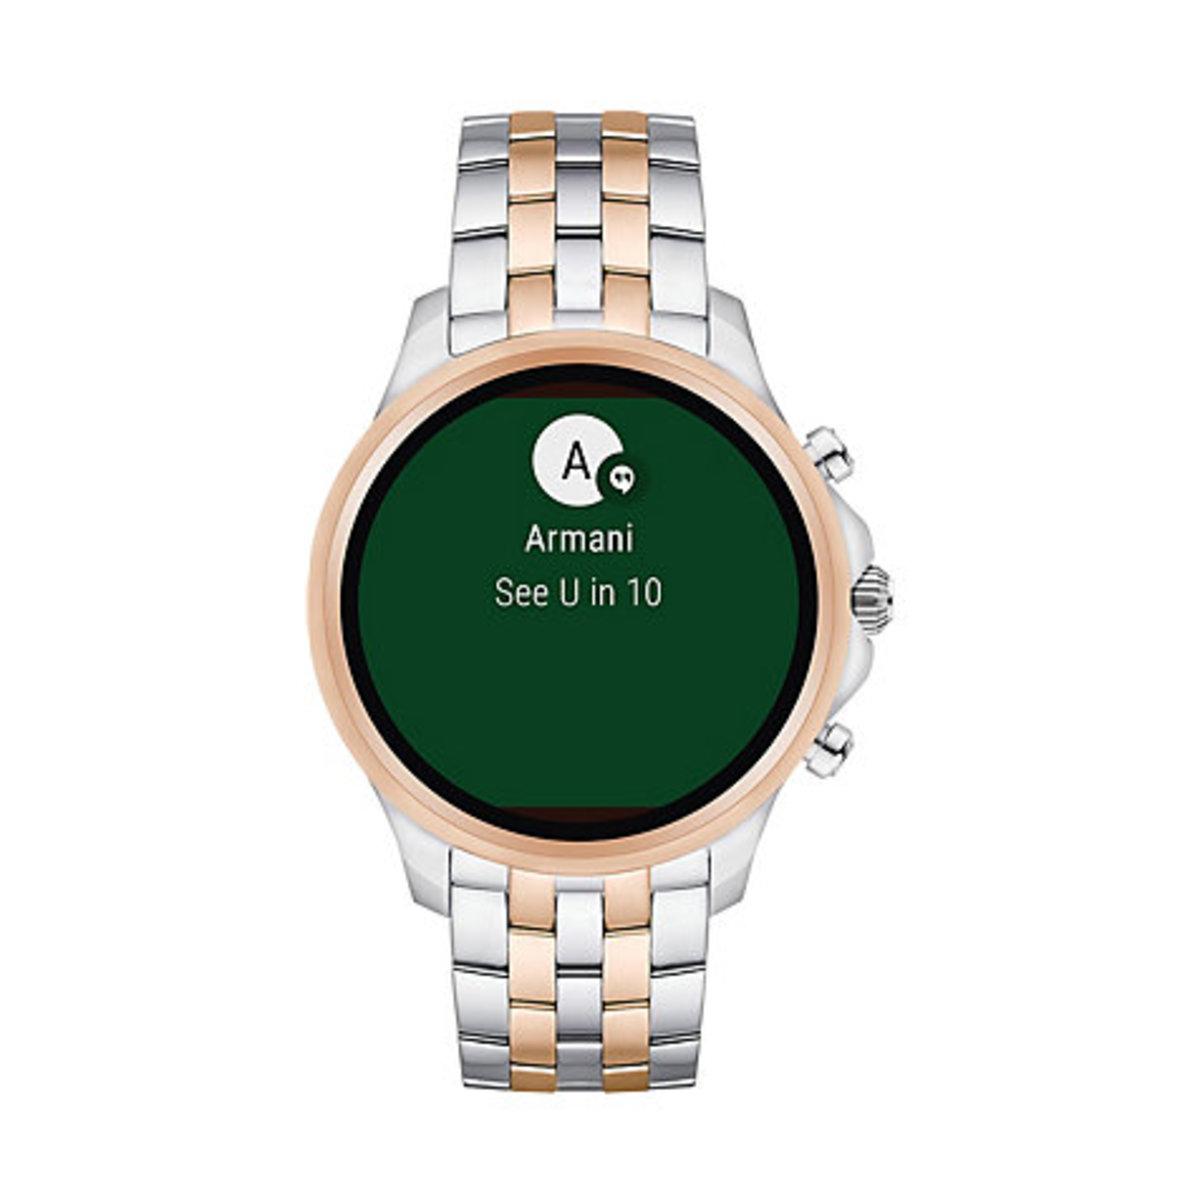 Bild 4 von Emporio Armani Connected Smartwatch ART5001